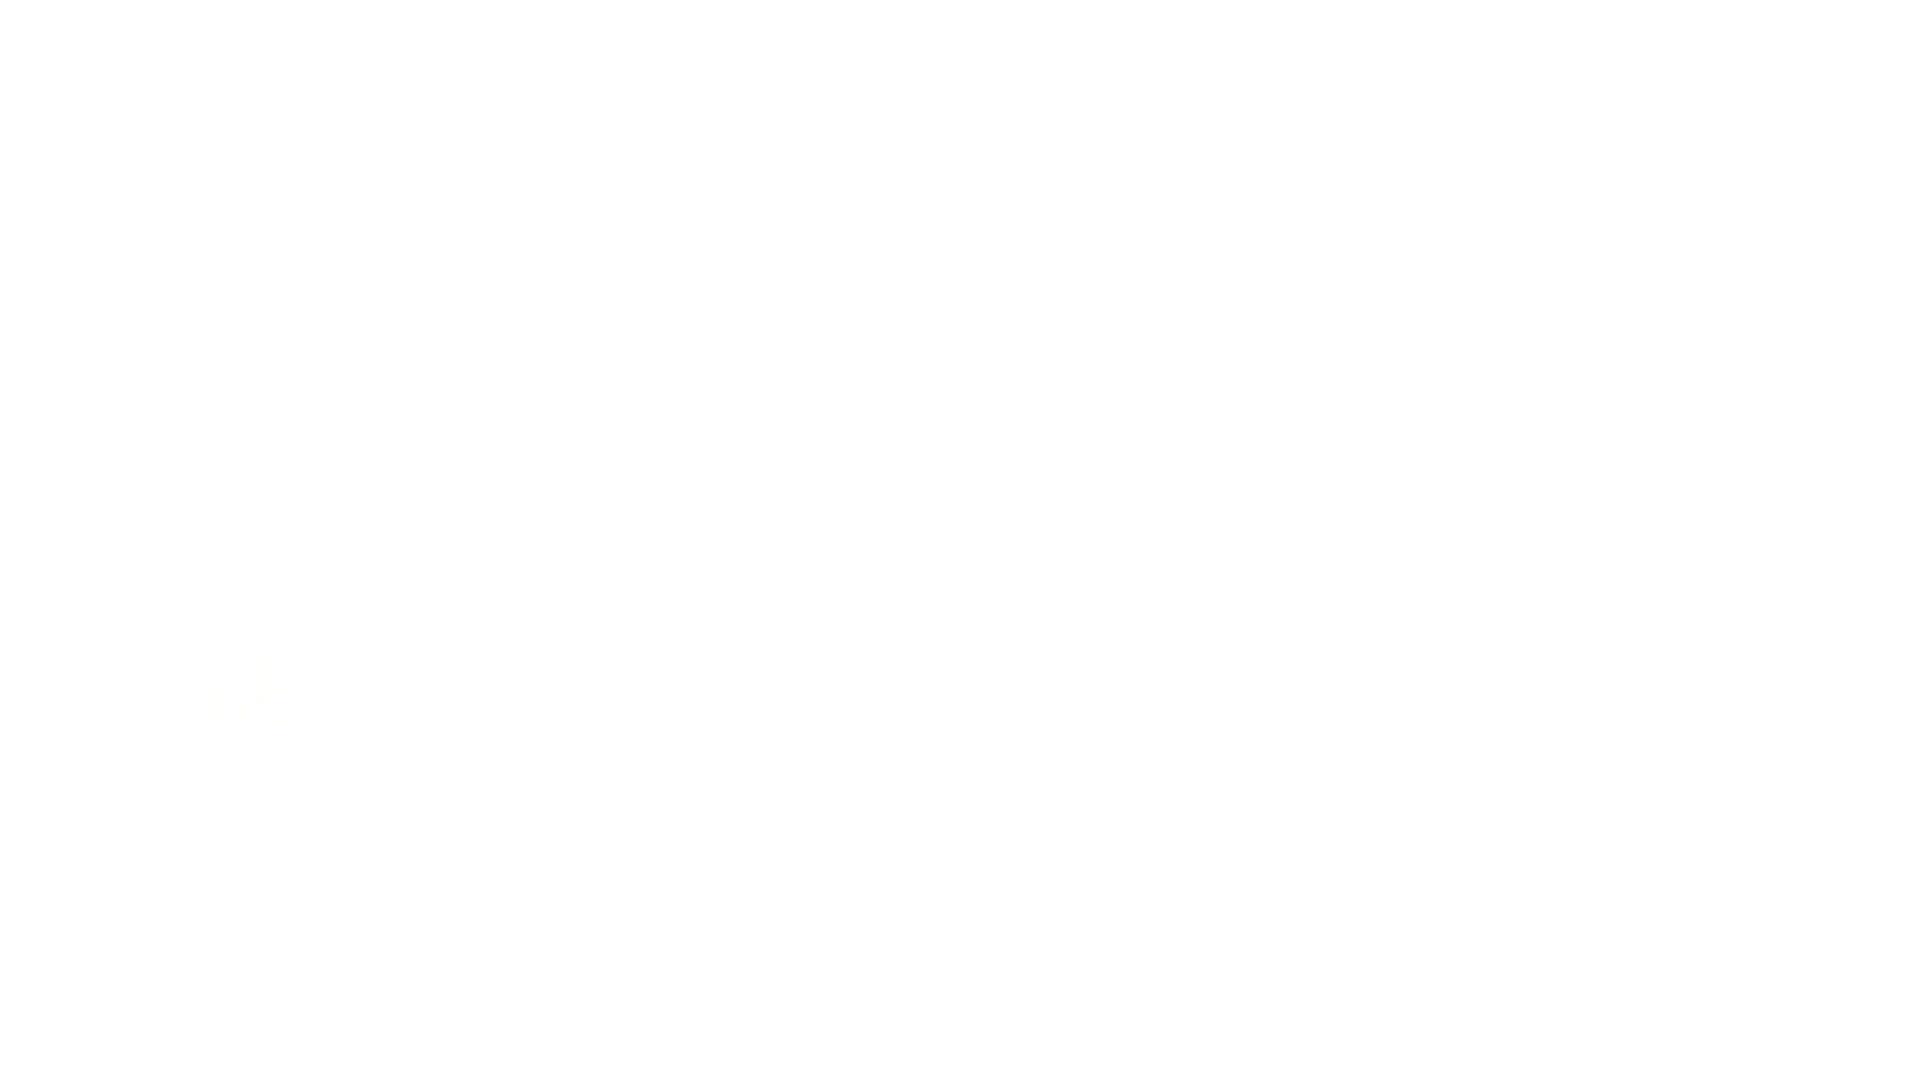 阿国ちゃんの「和式洋式七変化」No.1 丸見え アダルト動画キャプチャ 89枚 82